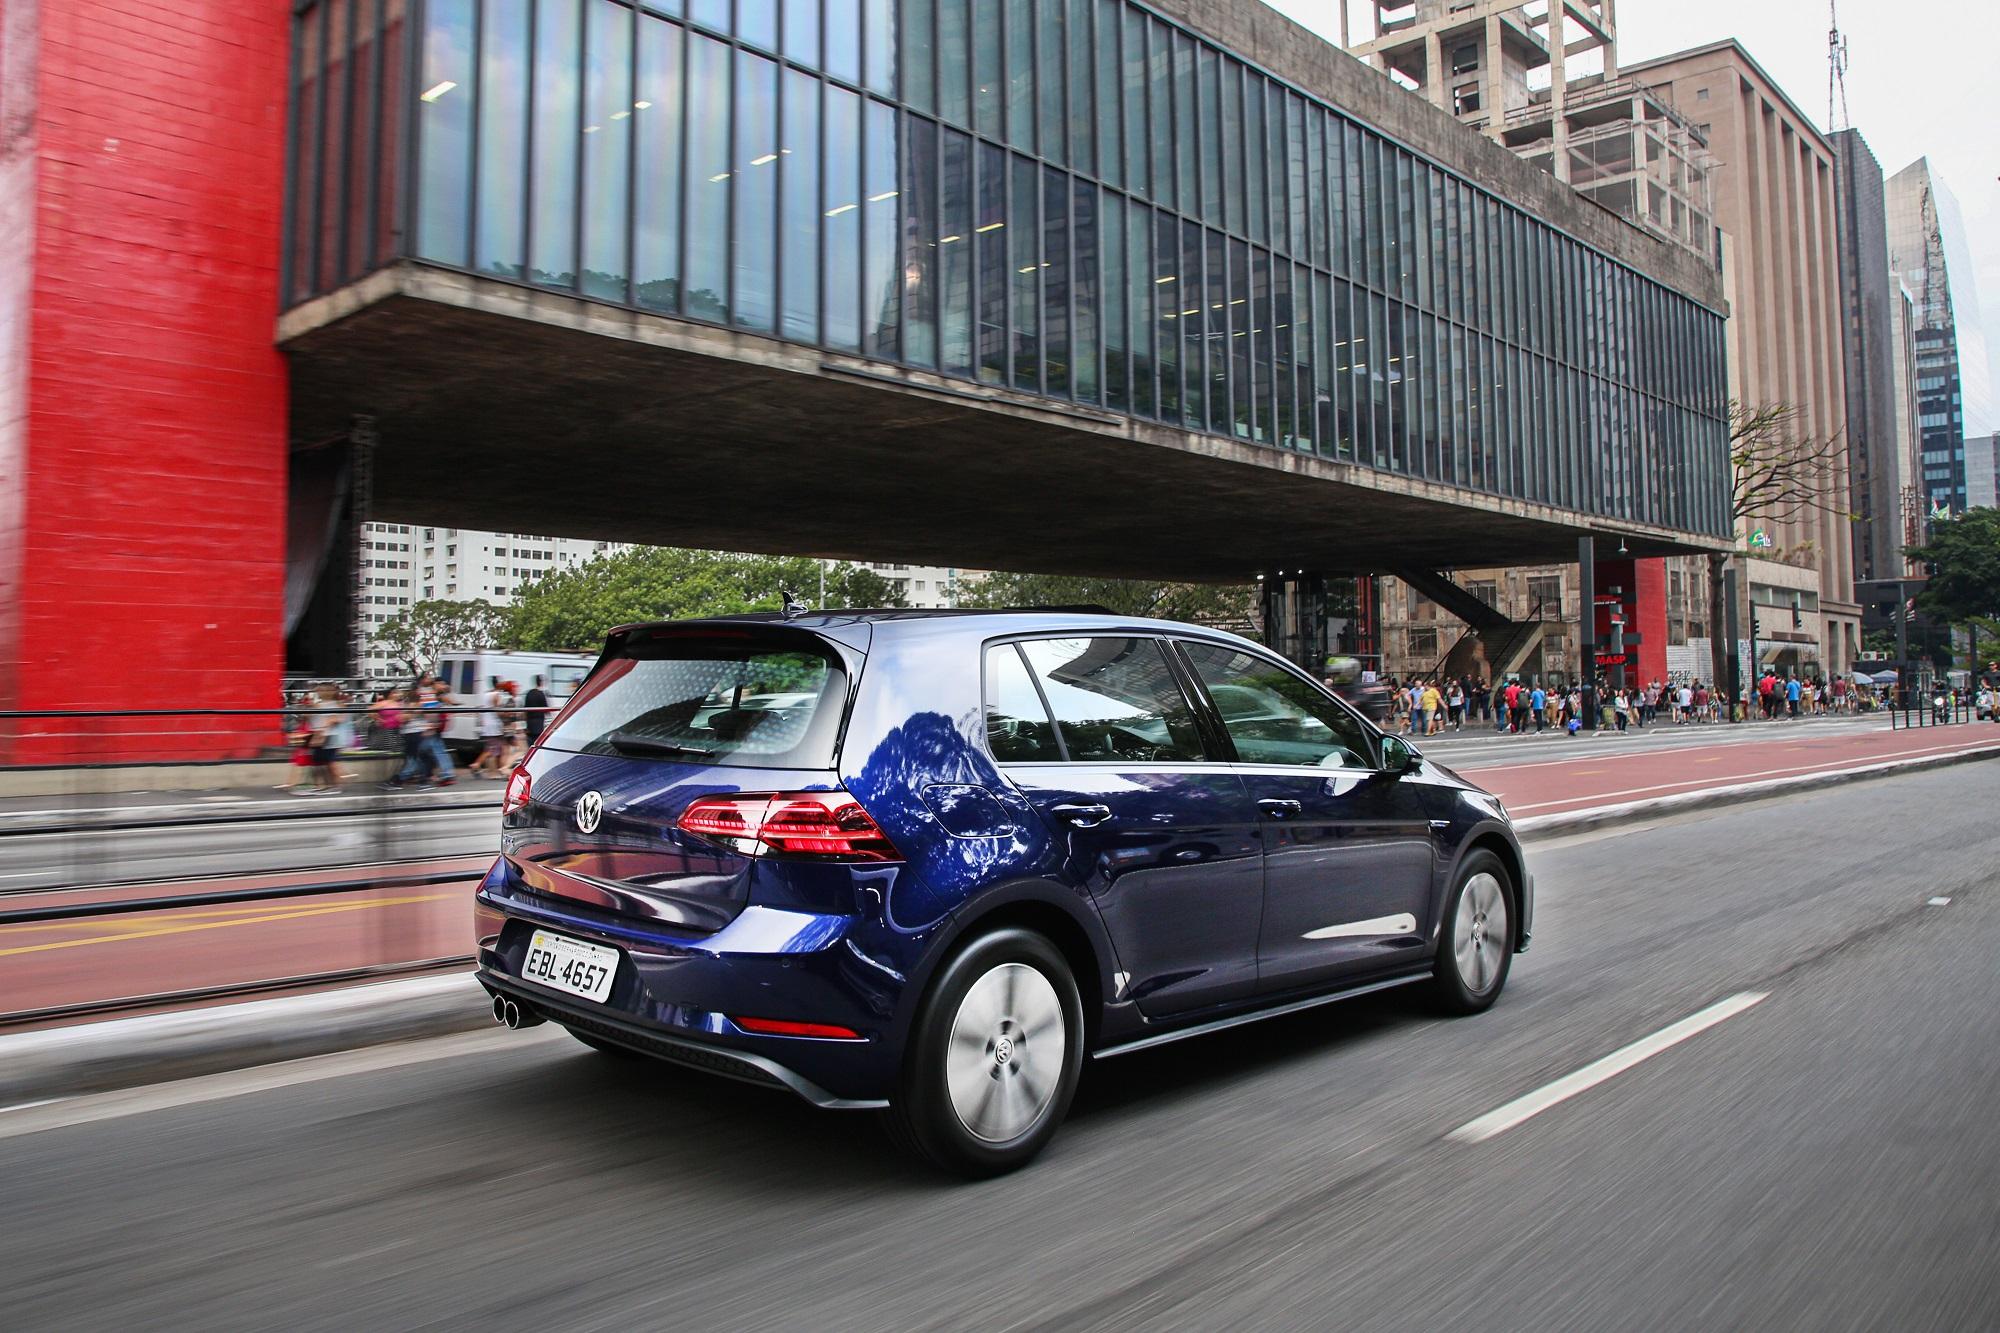 Volkswagen Golf Gte azul d etraseira em movimento em frente ao MASP